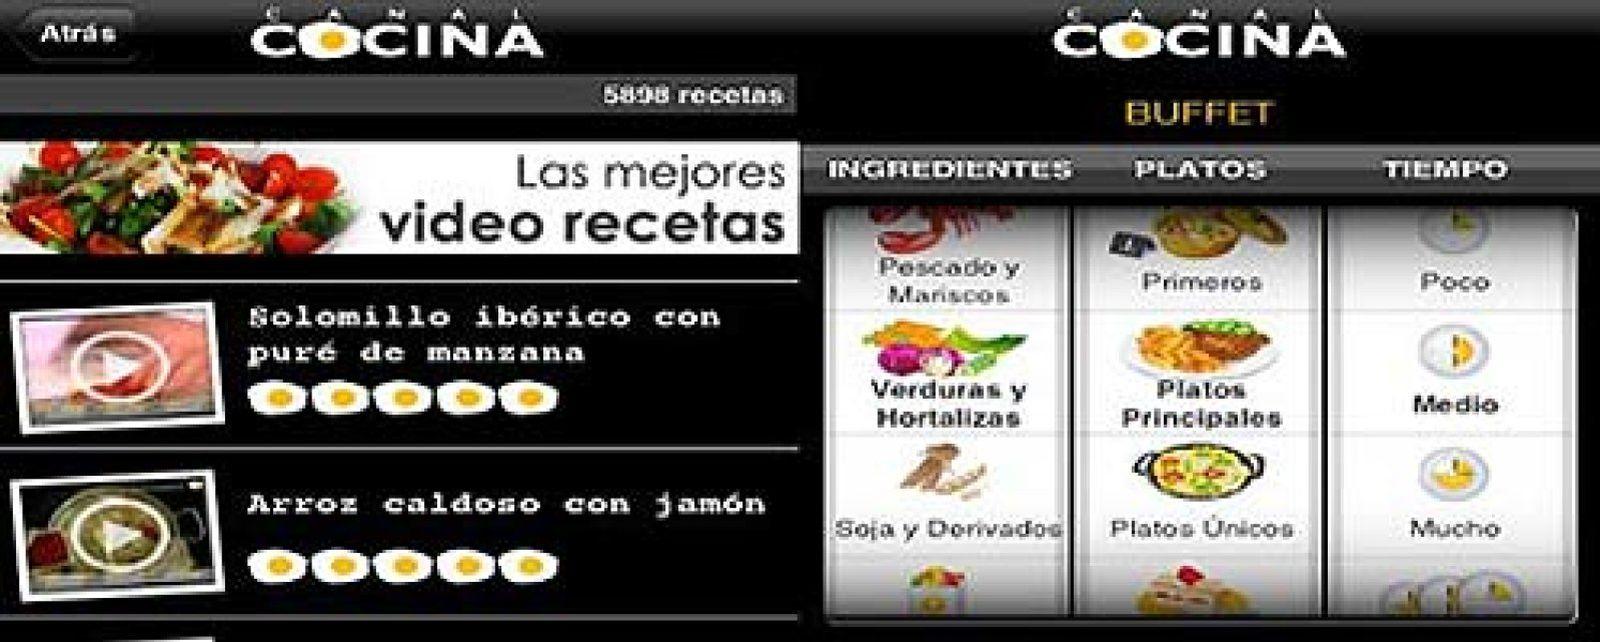 Charming El Huevo Frito Arrasa En Los Smartphones Aplicaciones De Cocina  Que No Te Puedes Perder?mtimeu003d1429811075